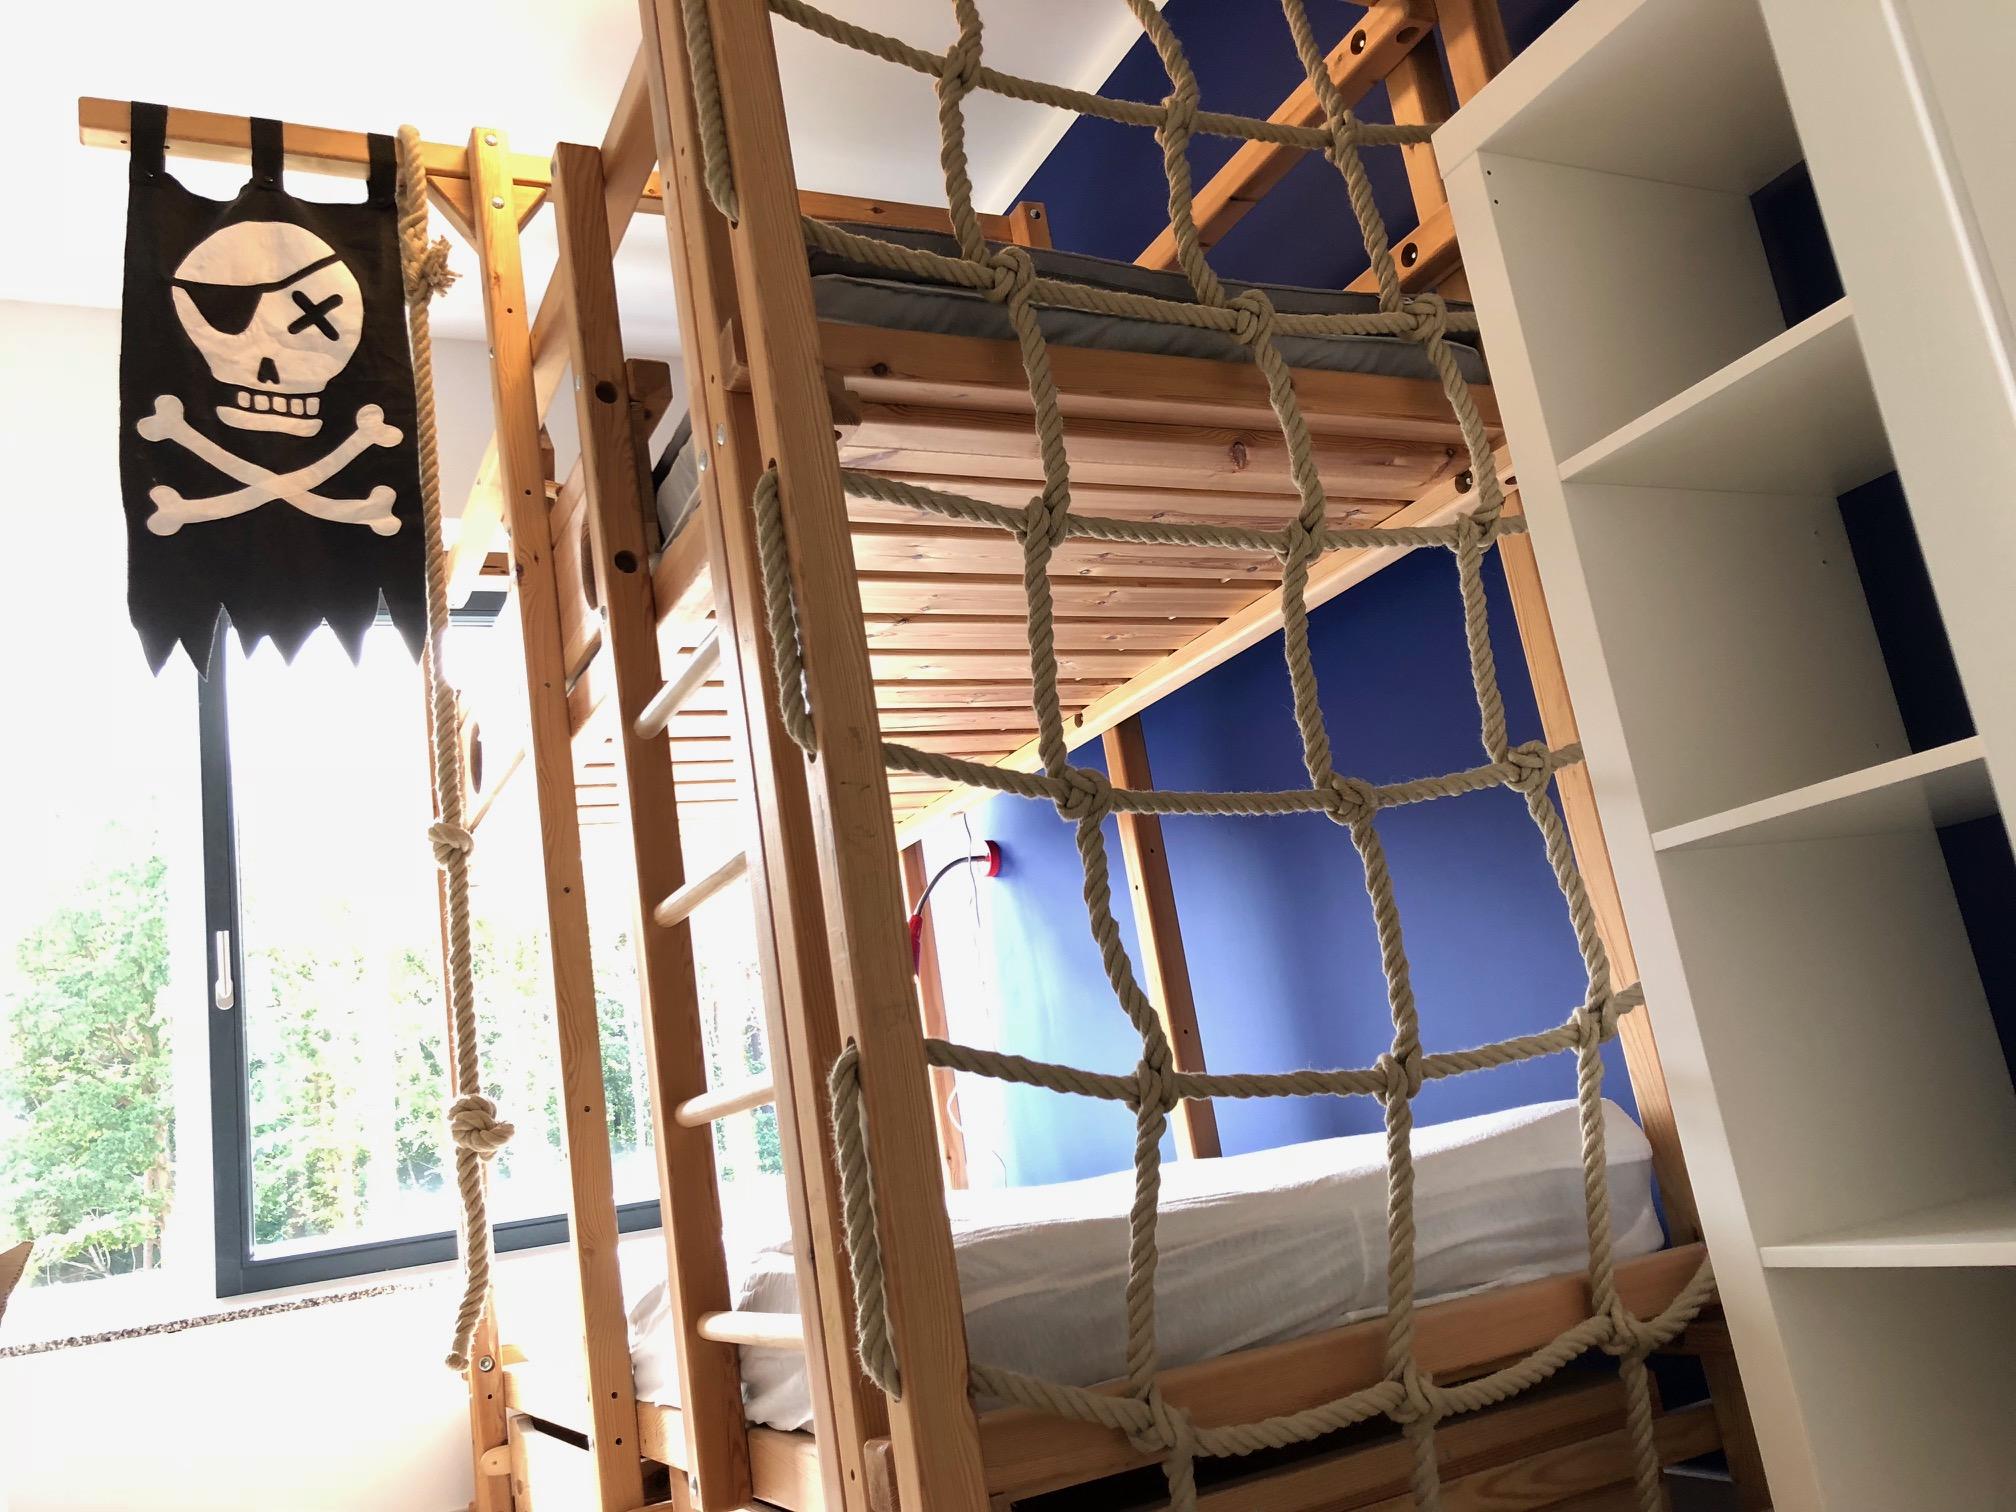 Abenteuer Etagenbett : Abenteuer hochbett ebay kleinanzeigen